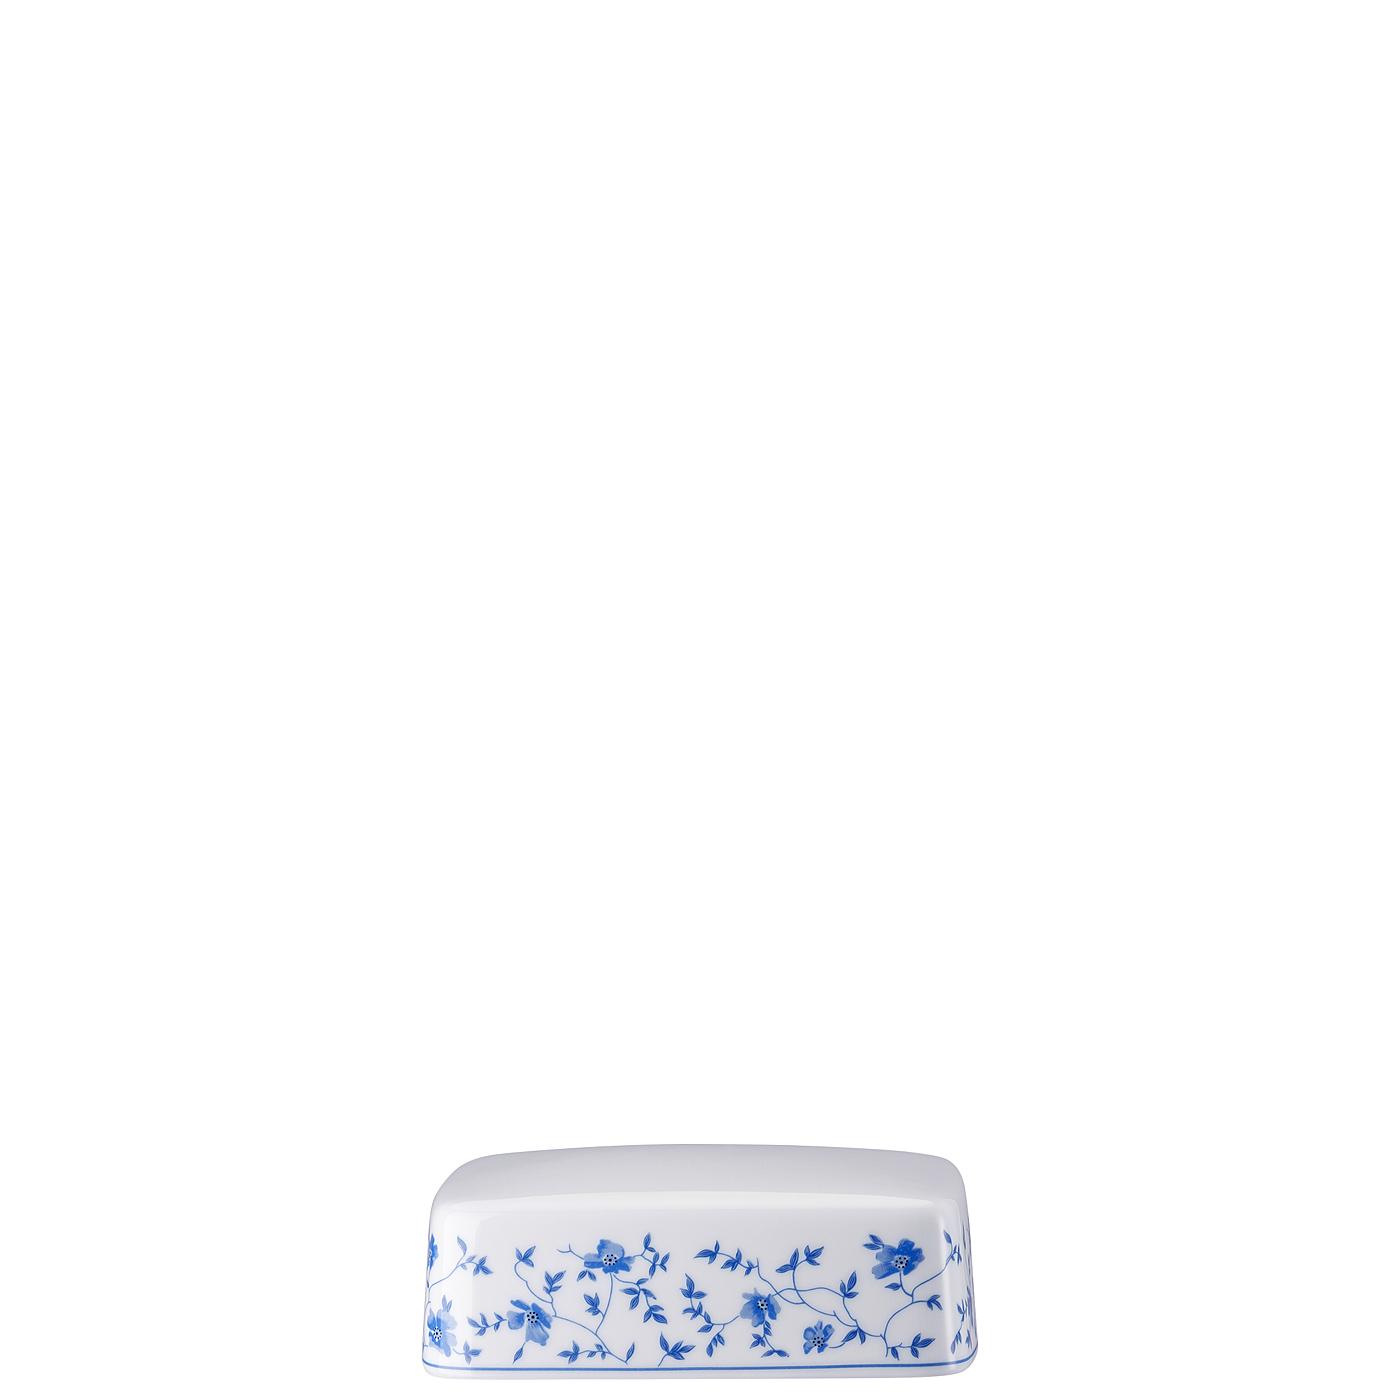 Butterdose Deckel Form 1382 Blaublüten Arzberg